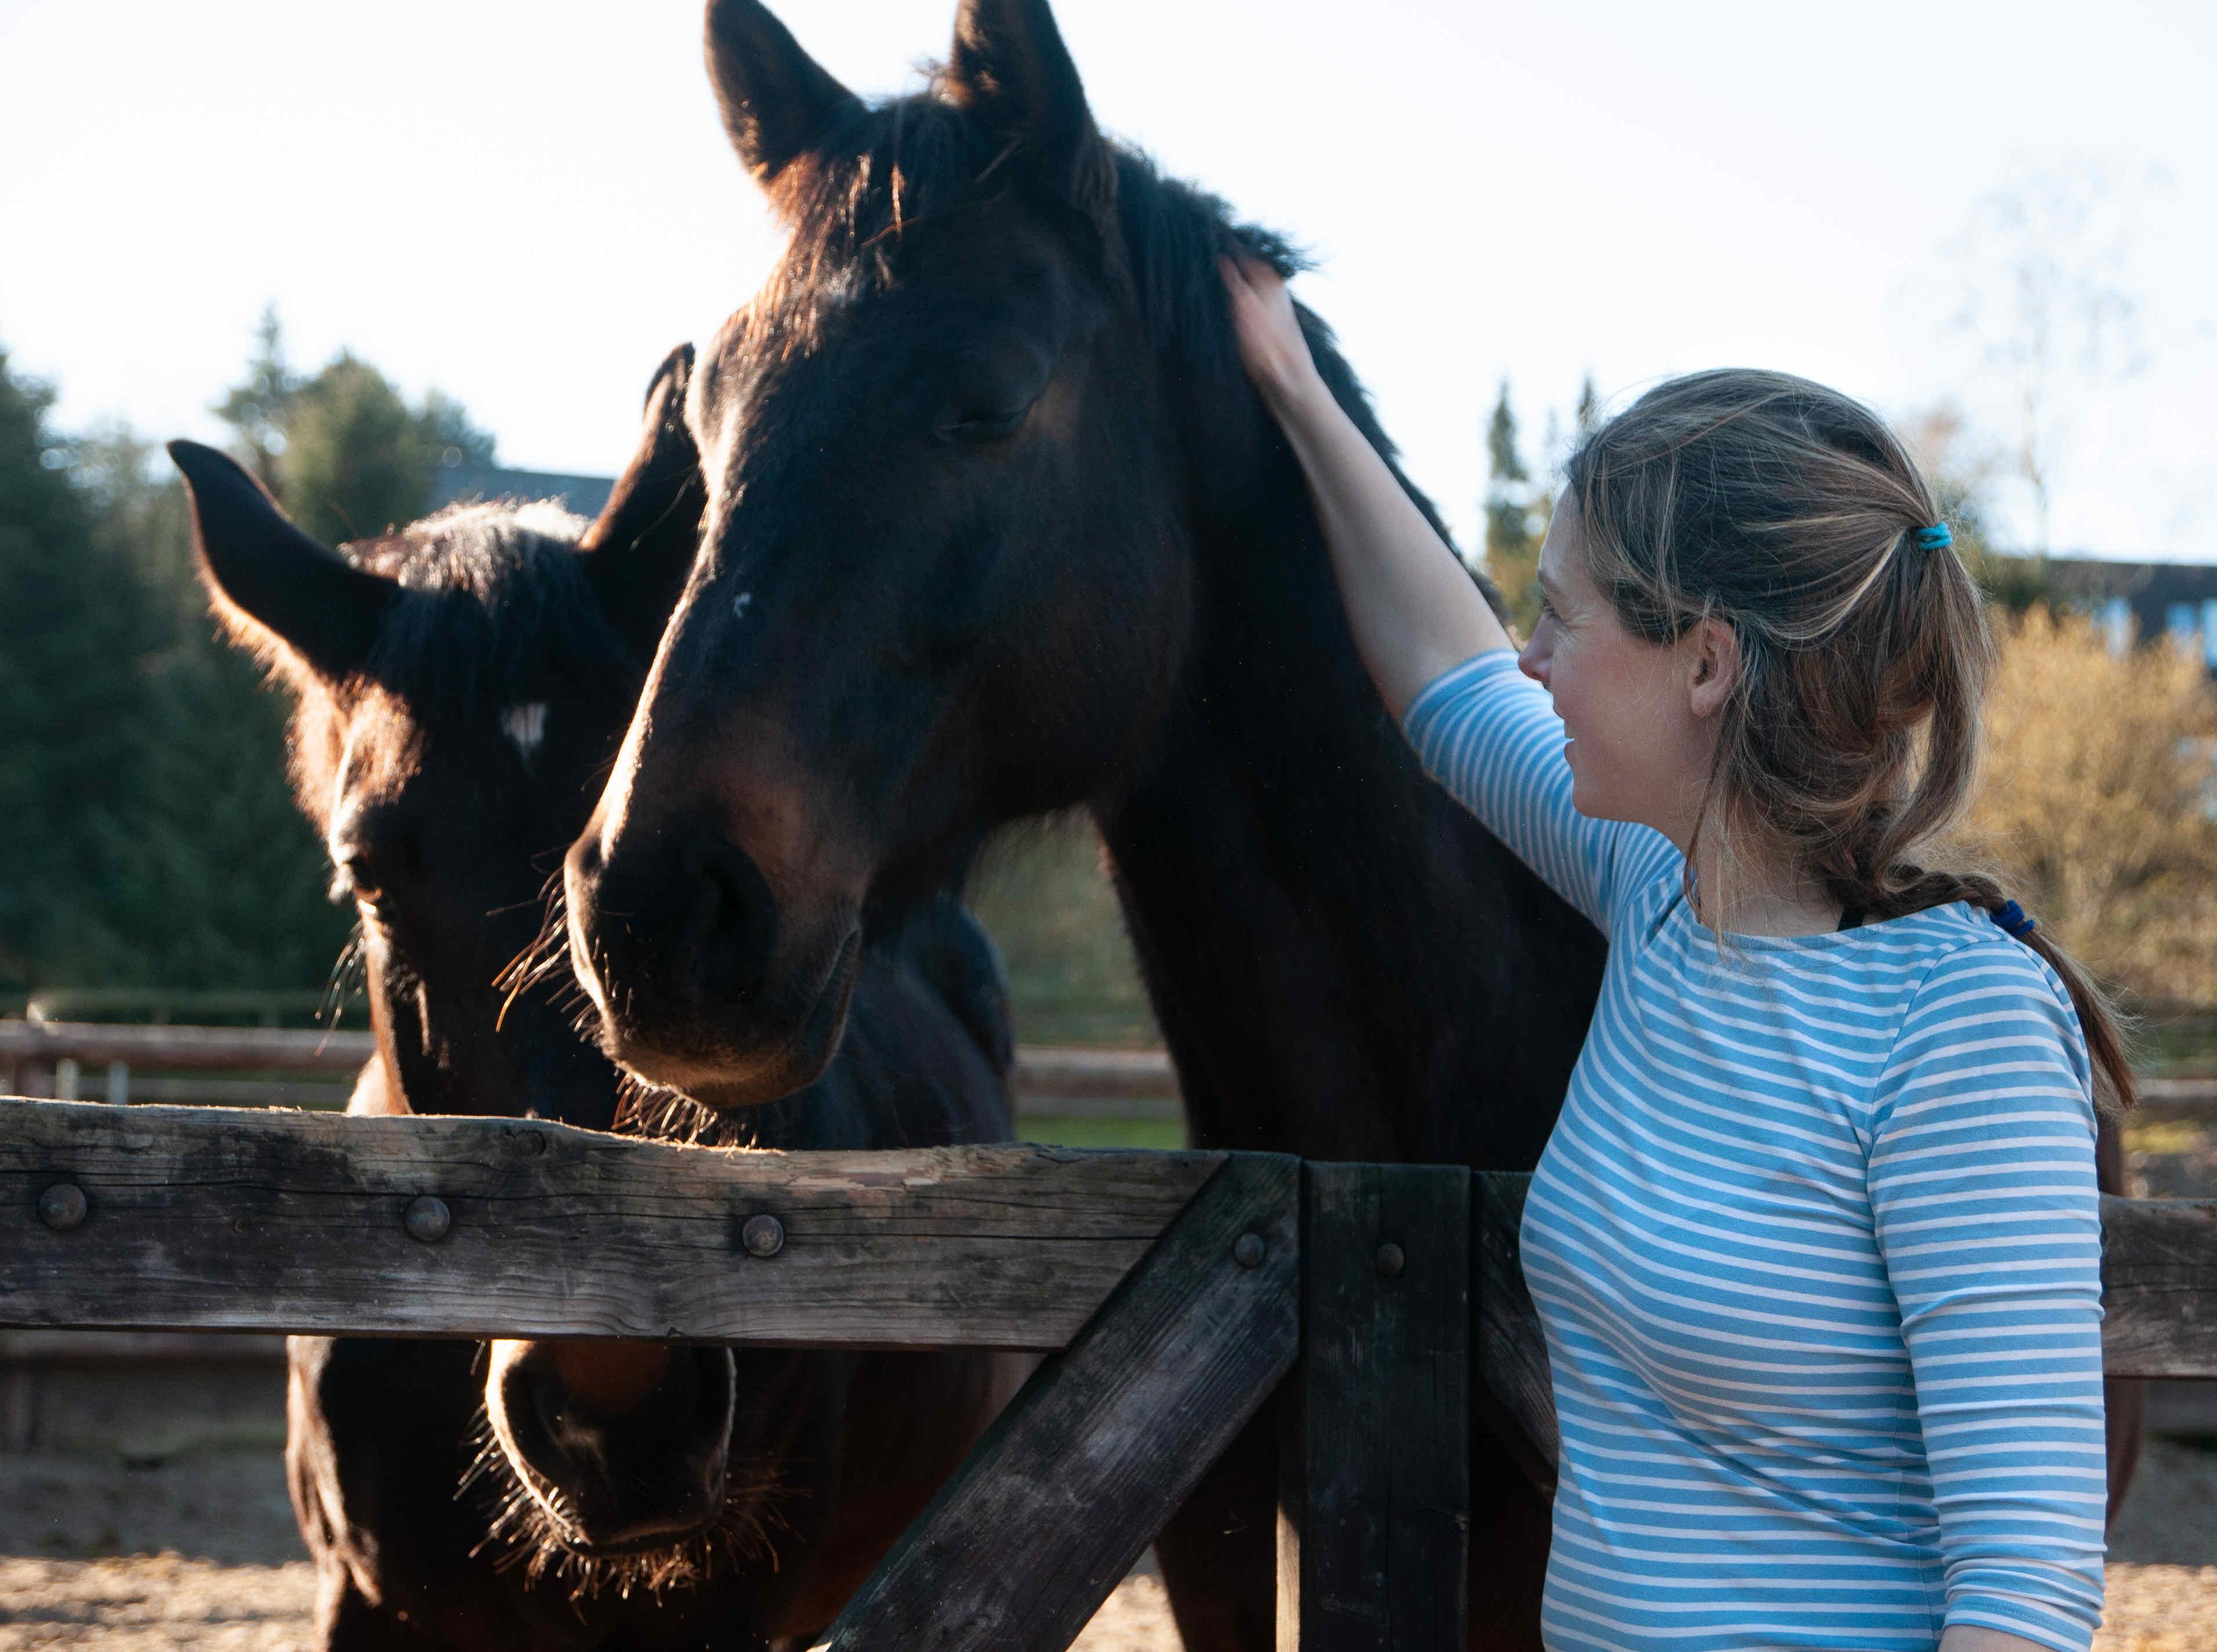 Pferde in Offenstall und Frau